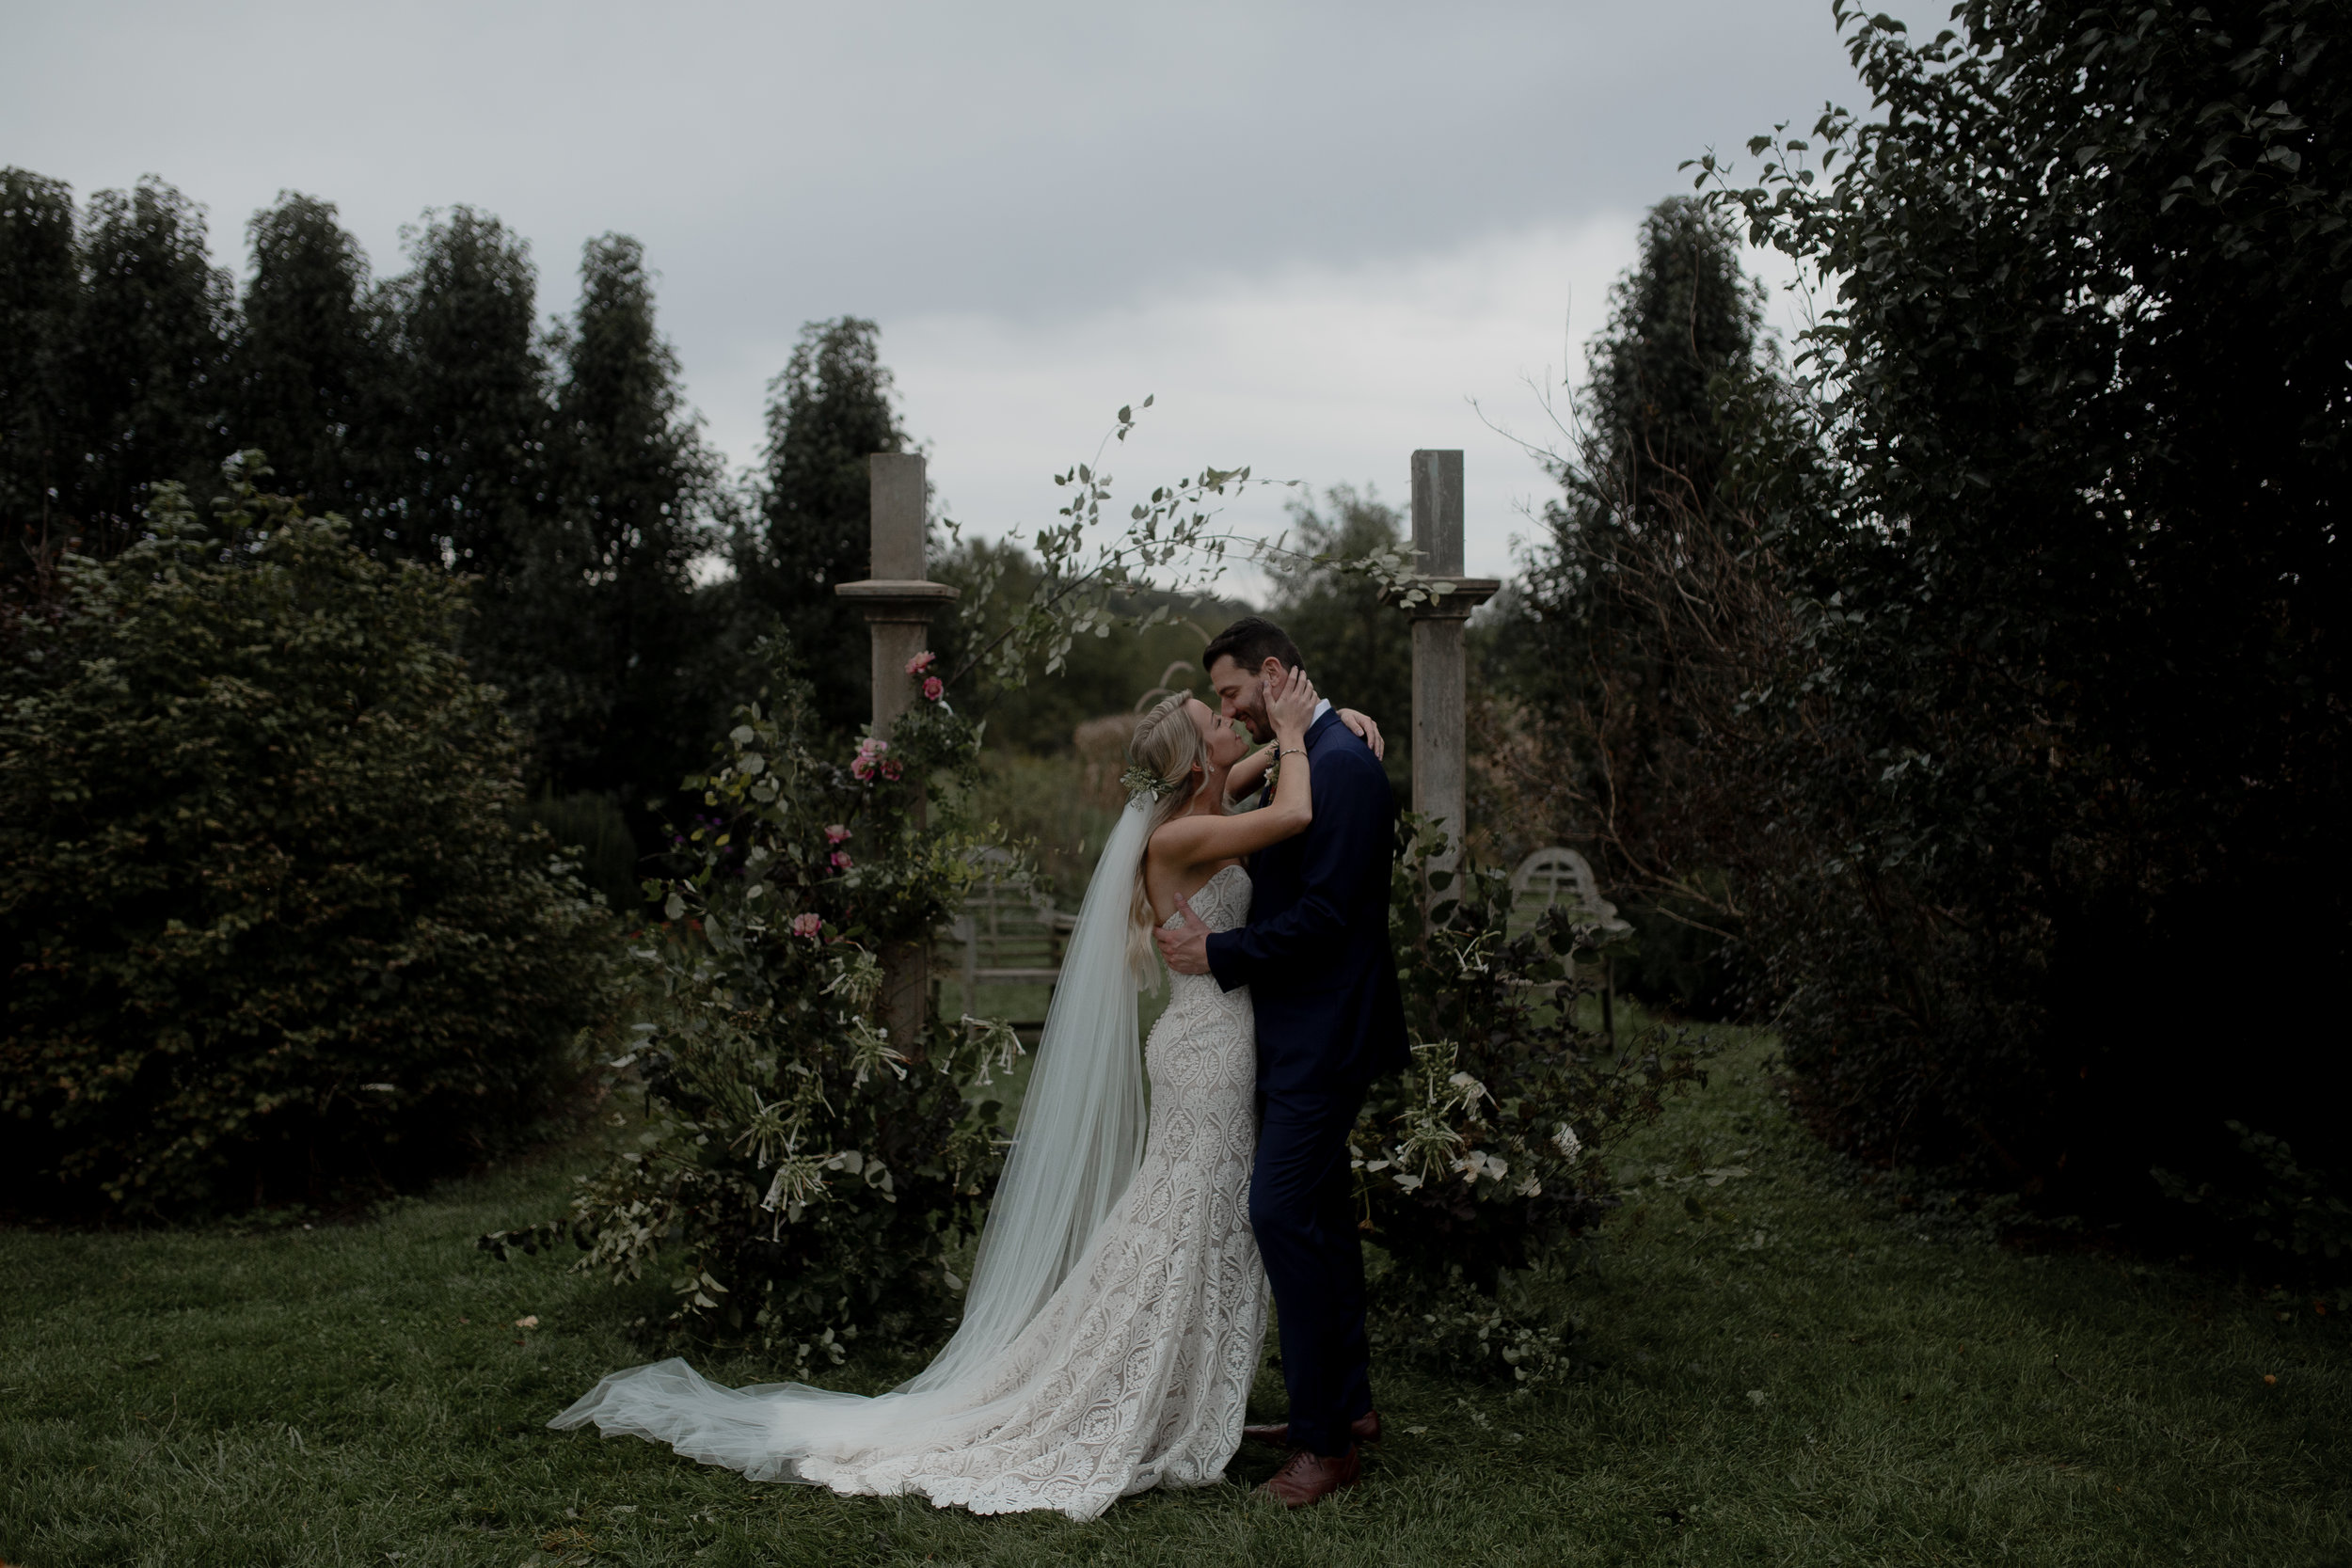 Katelyn & Connor - Mount Vernon, Ohio